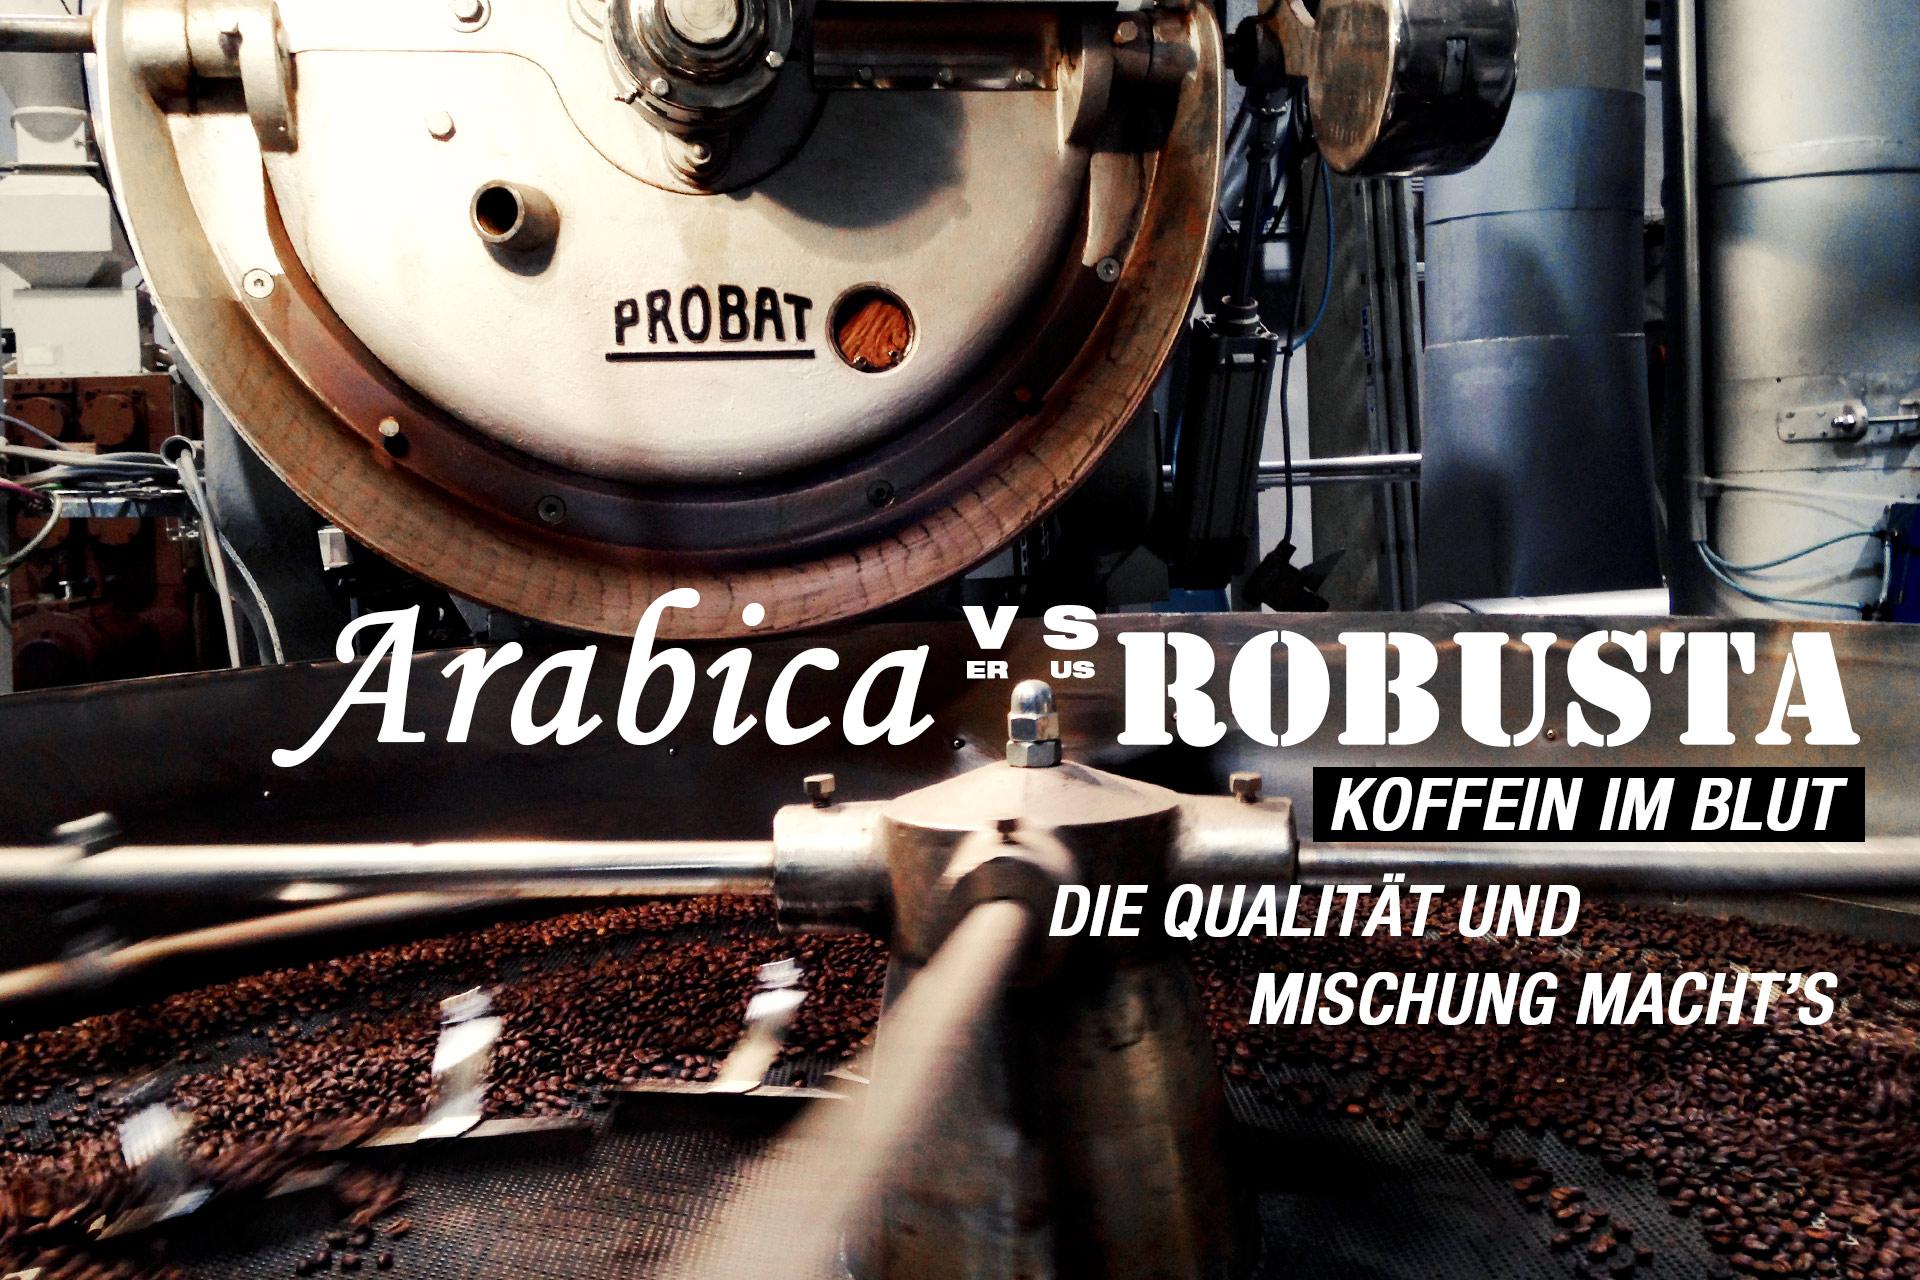 KOFFEIN IM BLUT: Arabica versus Robusta – die Qualität und Mischung macht's © stefandrexl.de